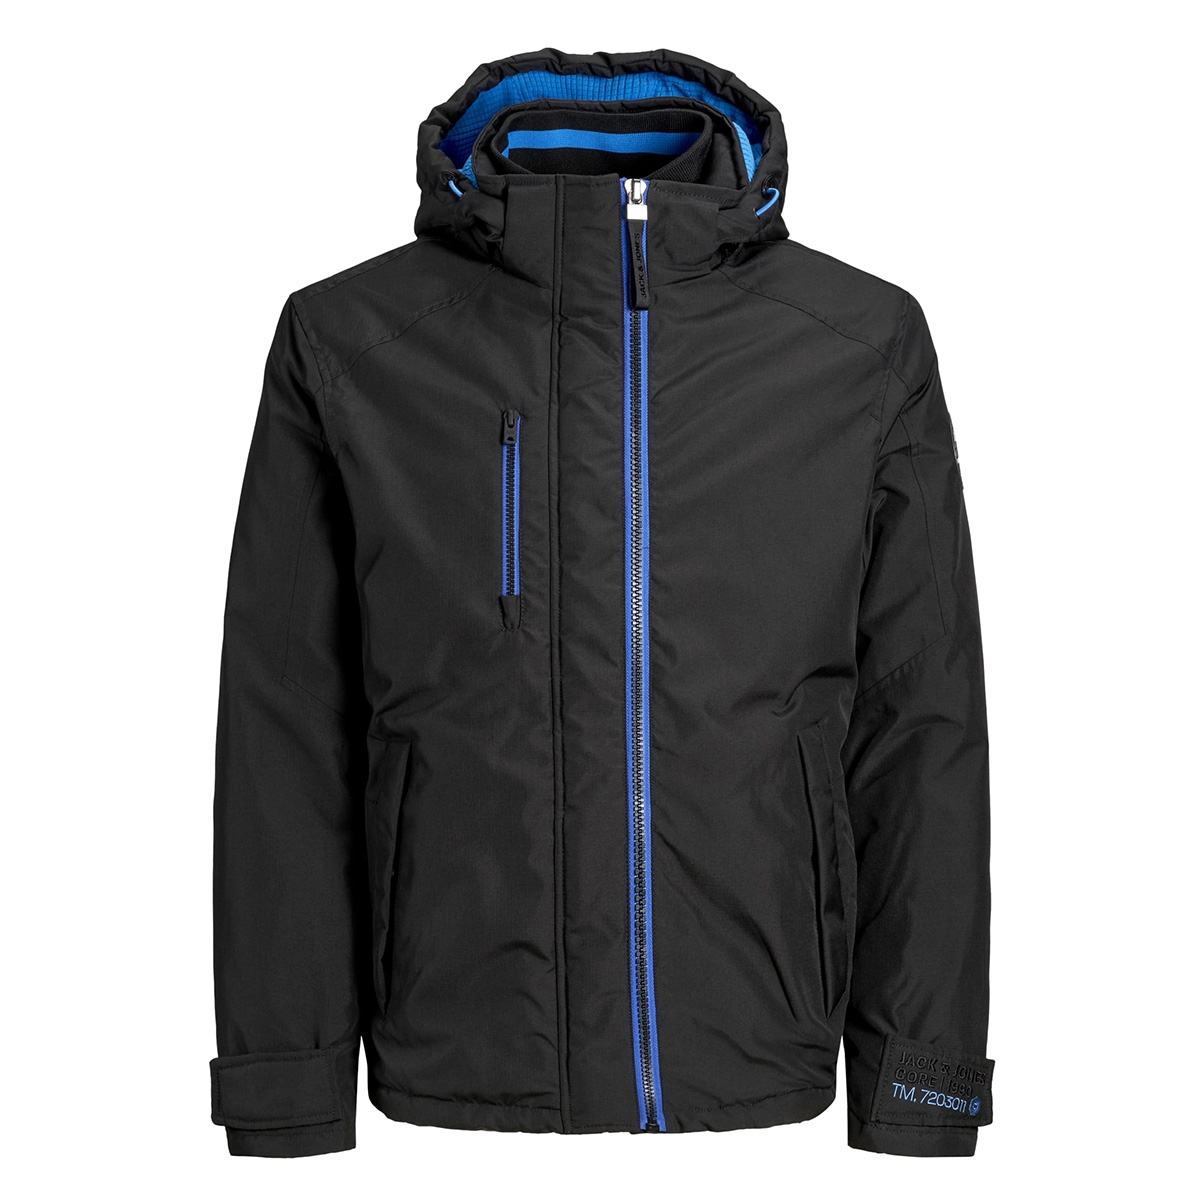 jcobruce jacket 12156686 jack & jones jas black